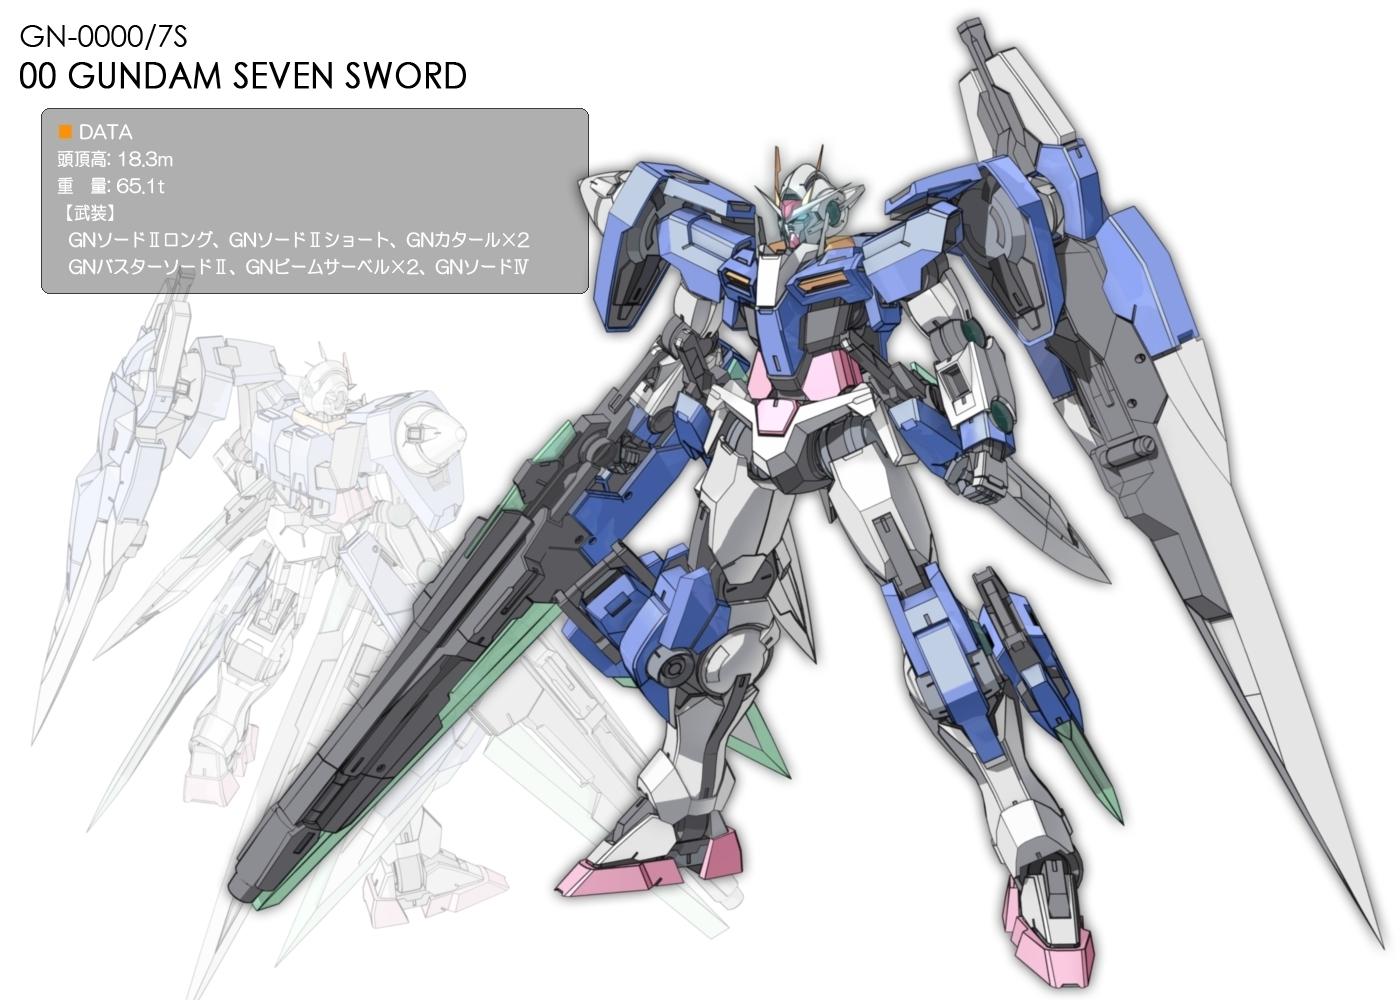 49 Mobile Suit Gundam 00 Wallpaper On Wallpapersafari